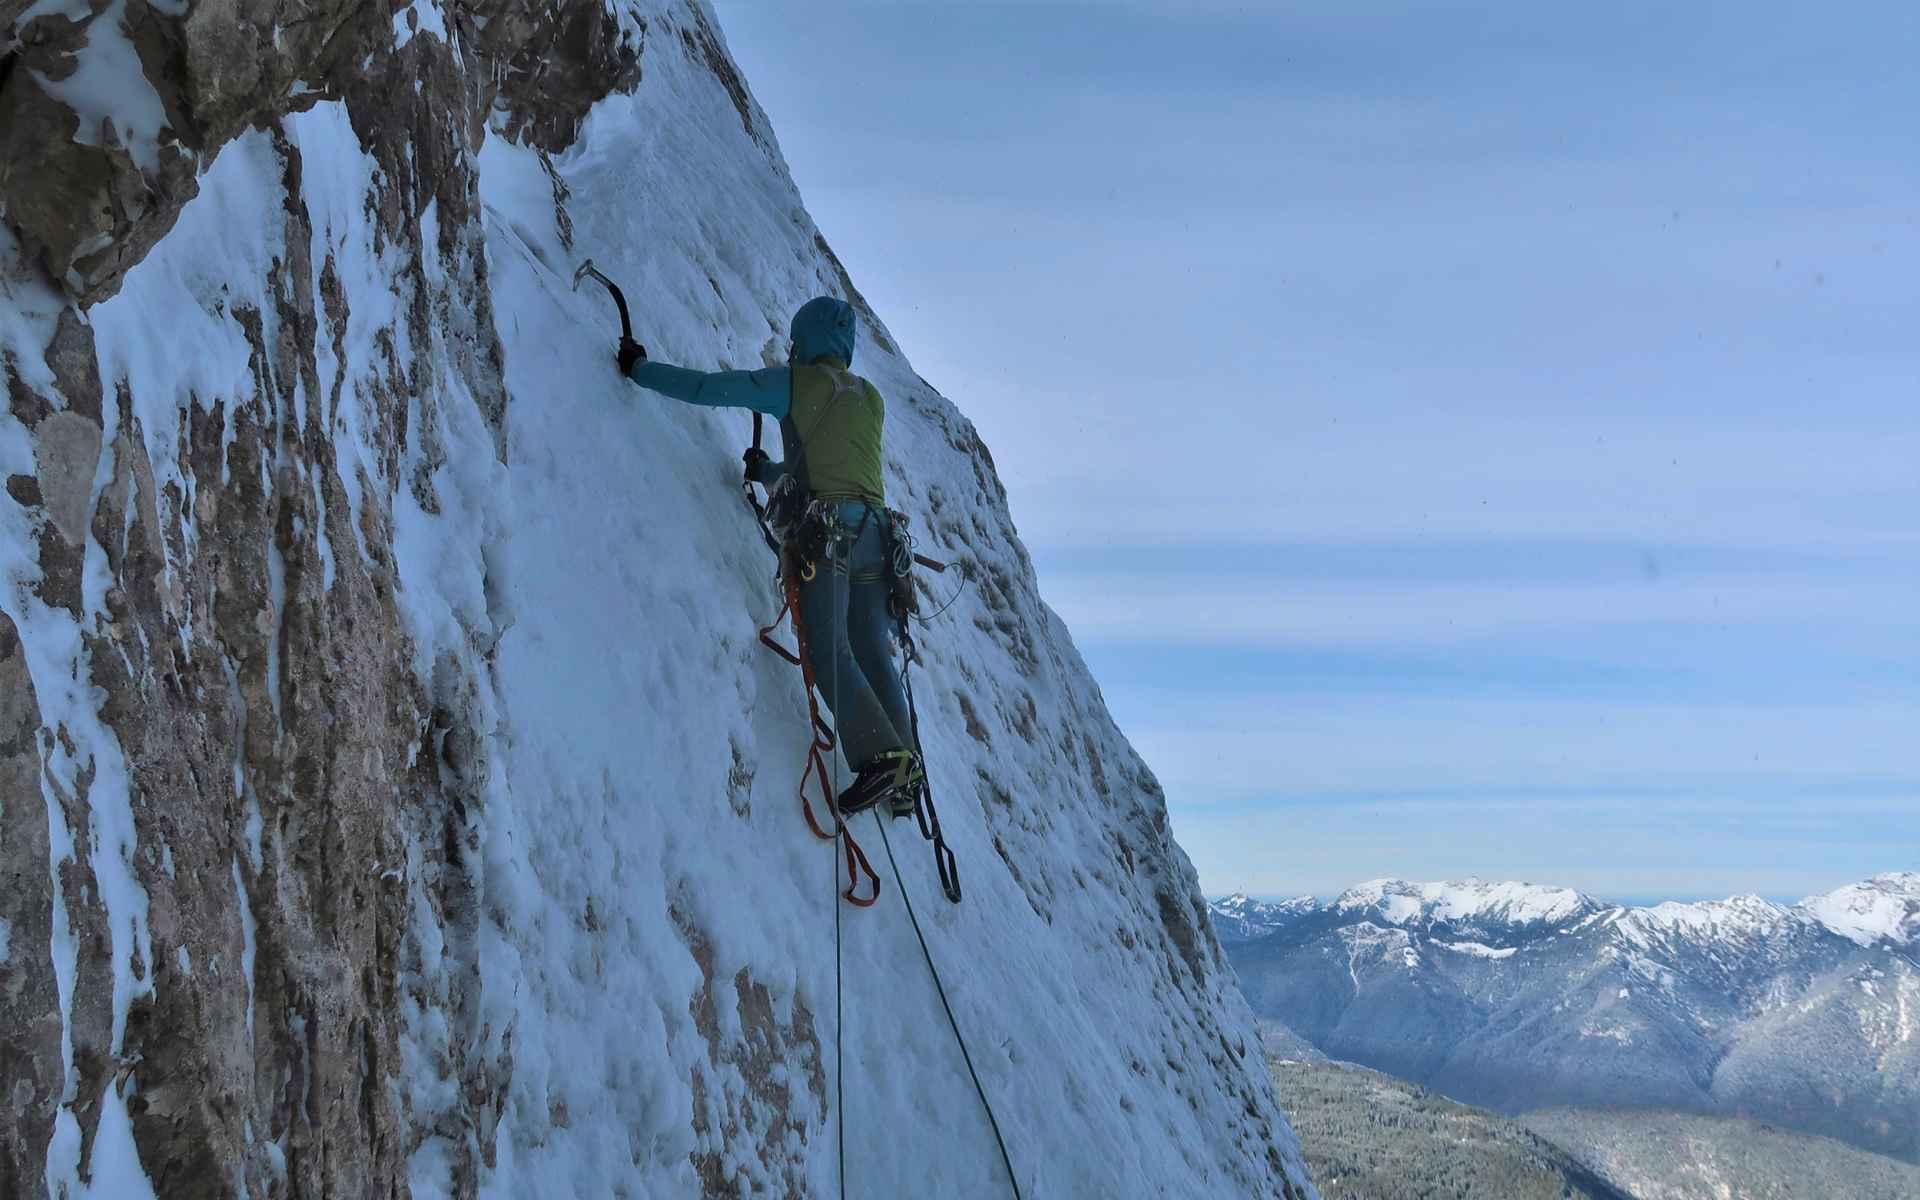 Precaire sneeuwophoping op de rotsplaten.